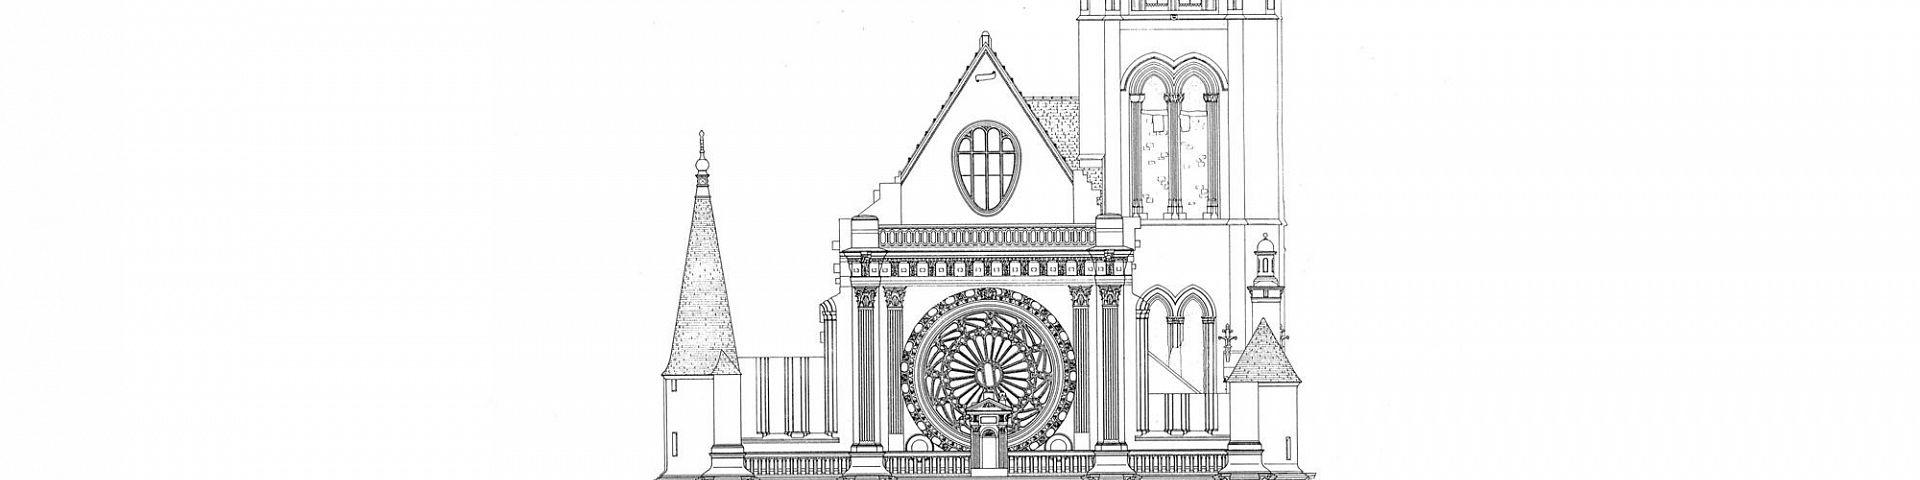 Villeneuve-sur-Yonne - Eglise Notre Dame (89)